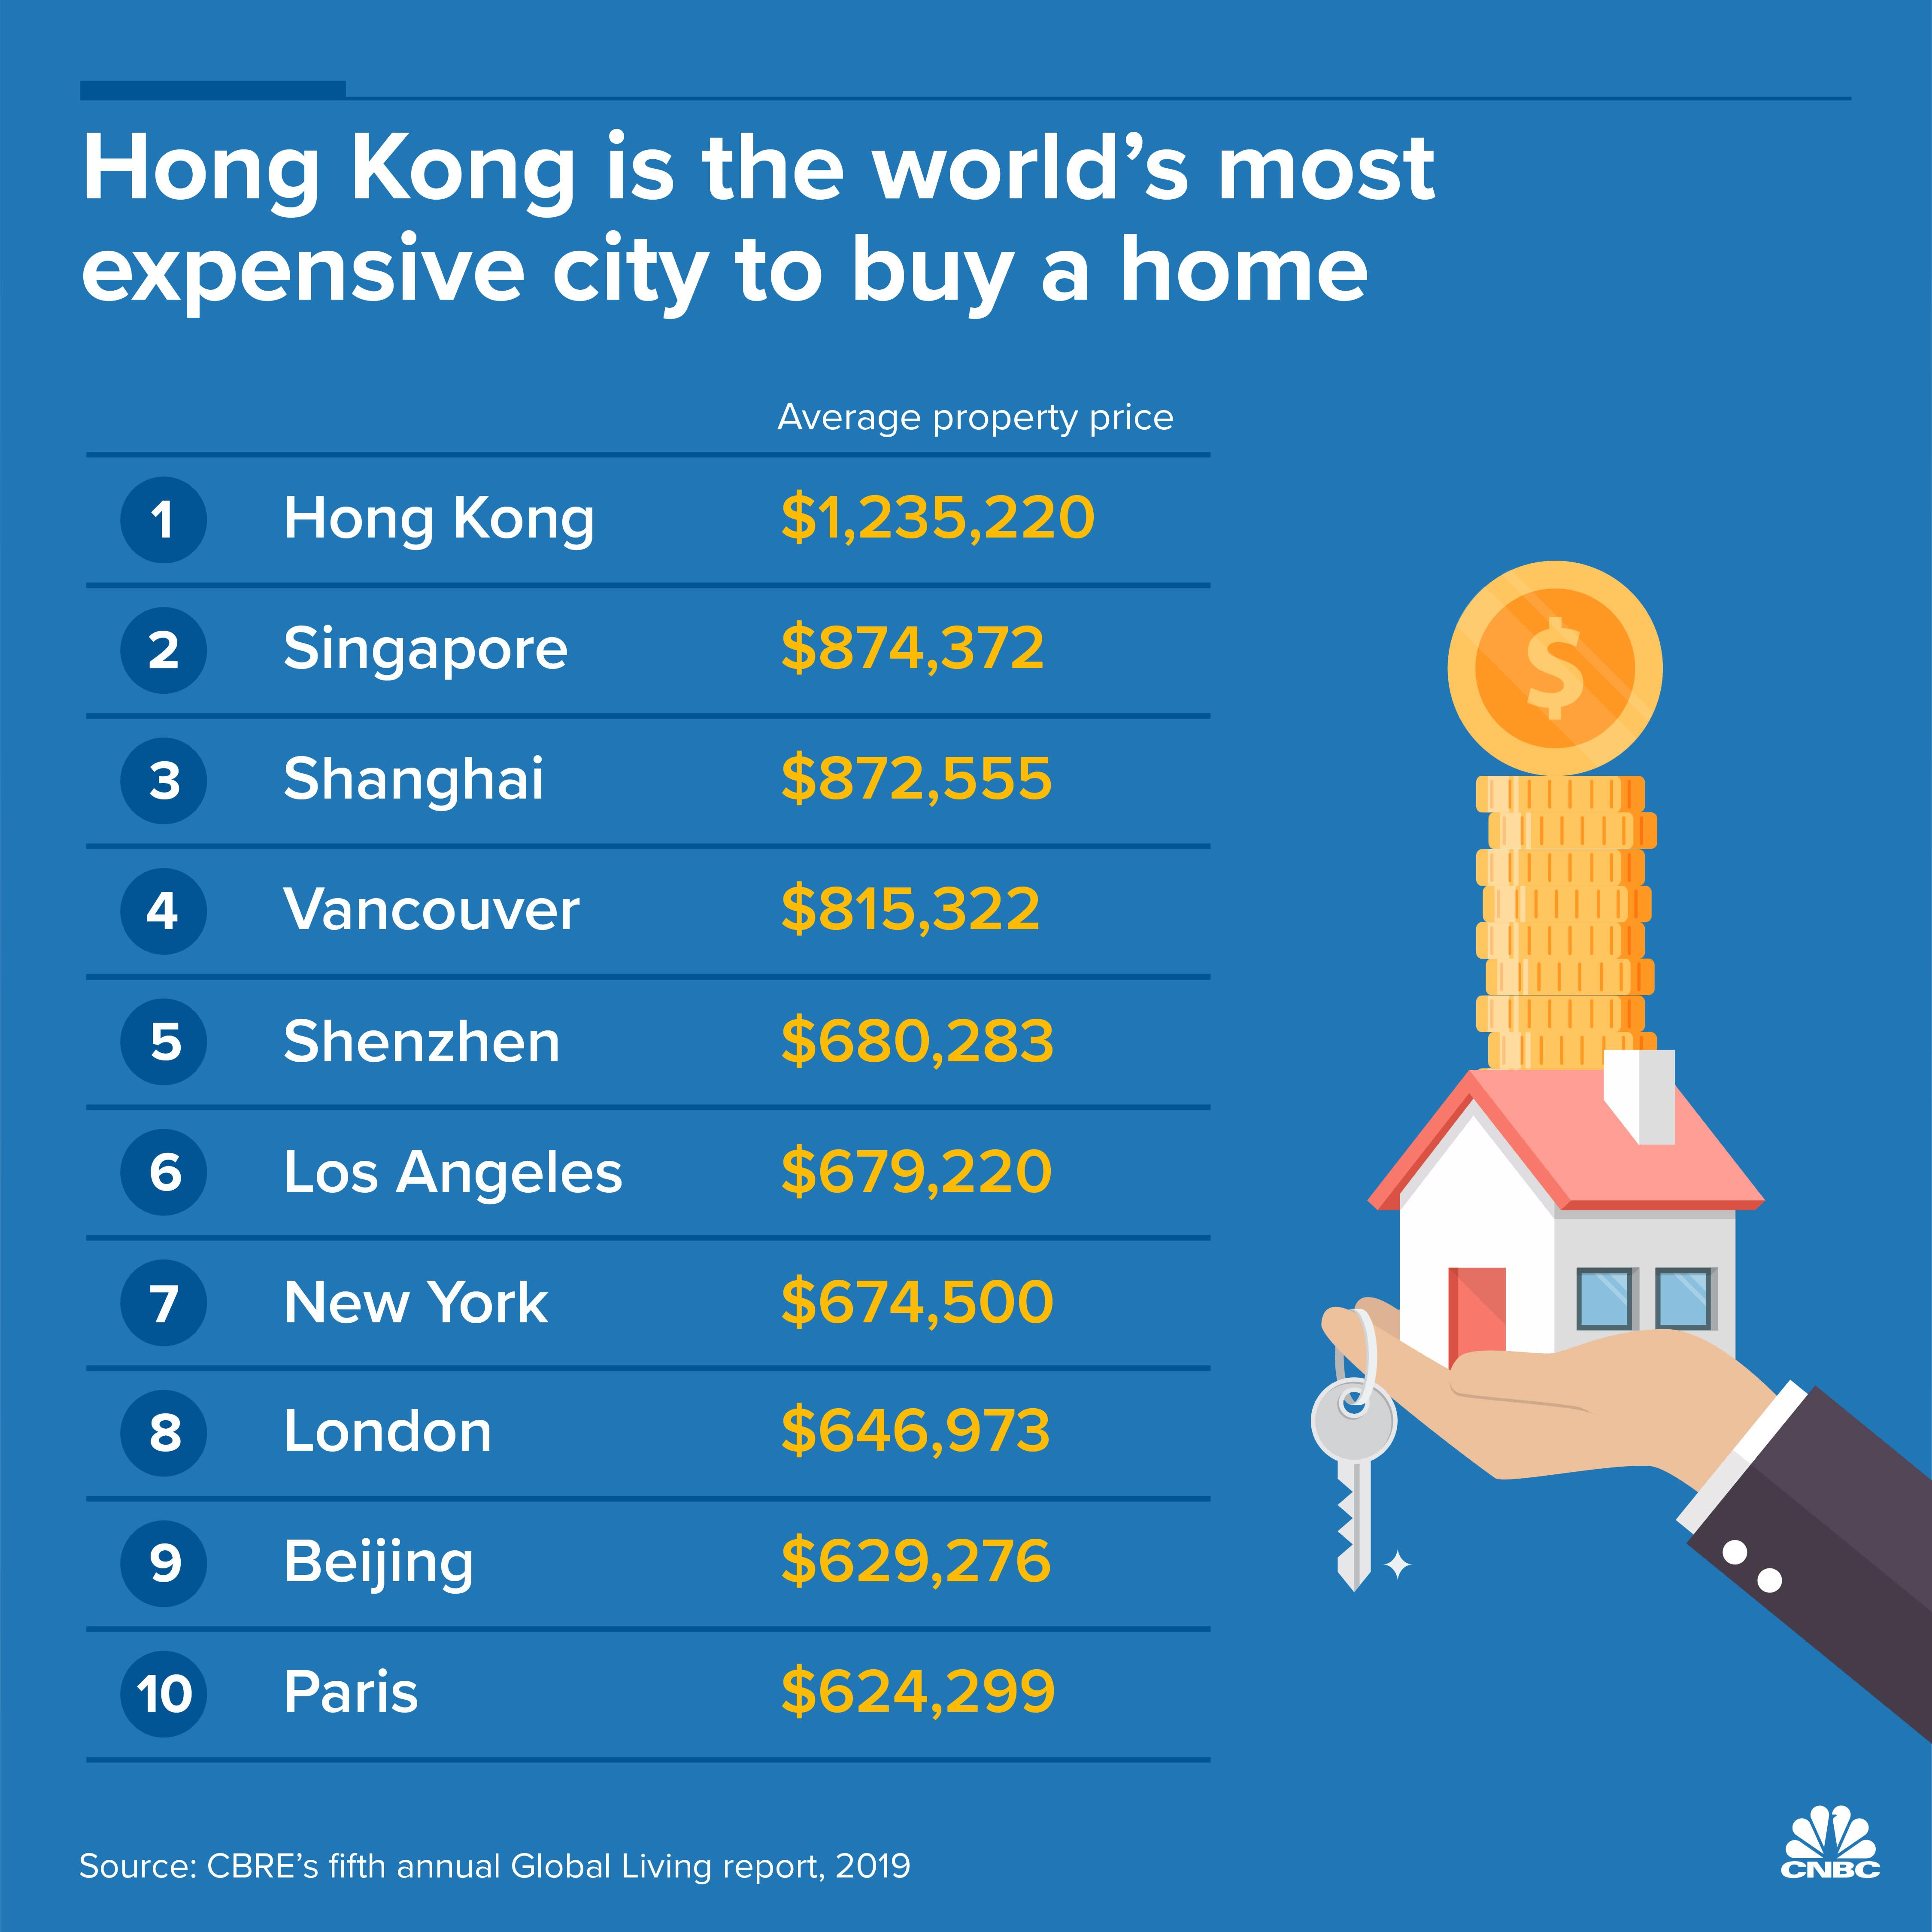 Digivid Infographic: Hong Kong housing